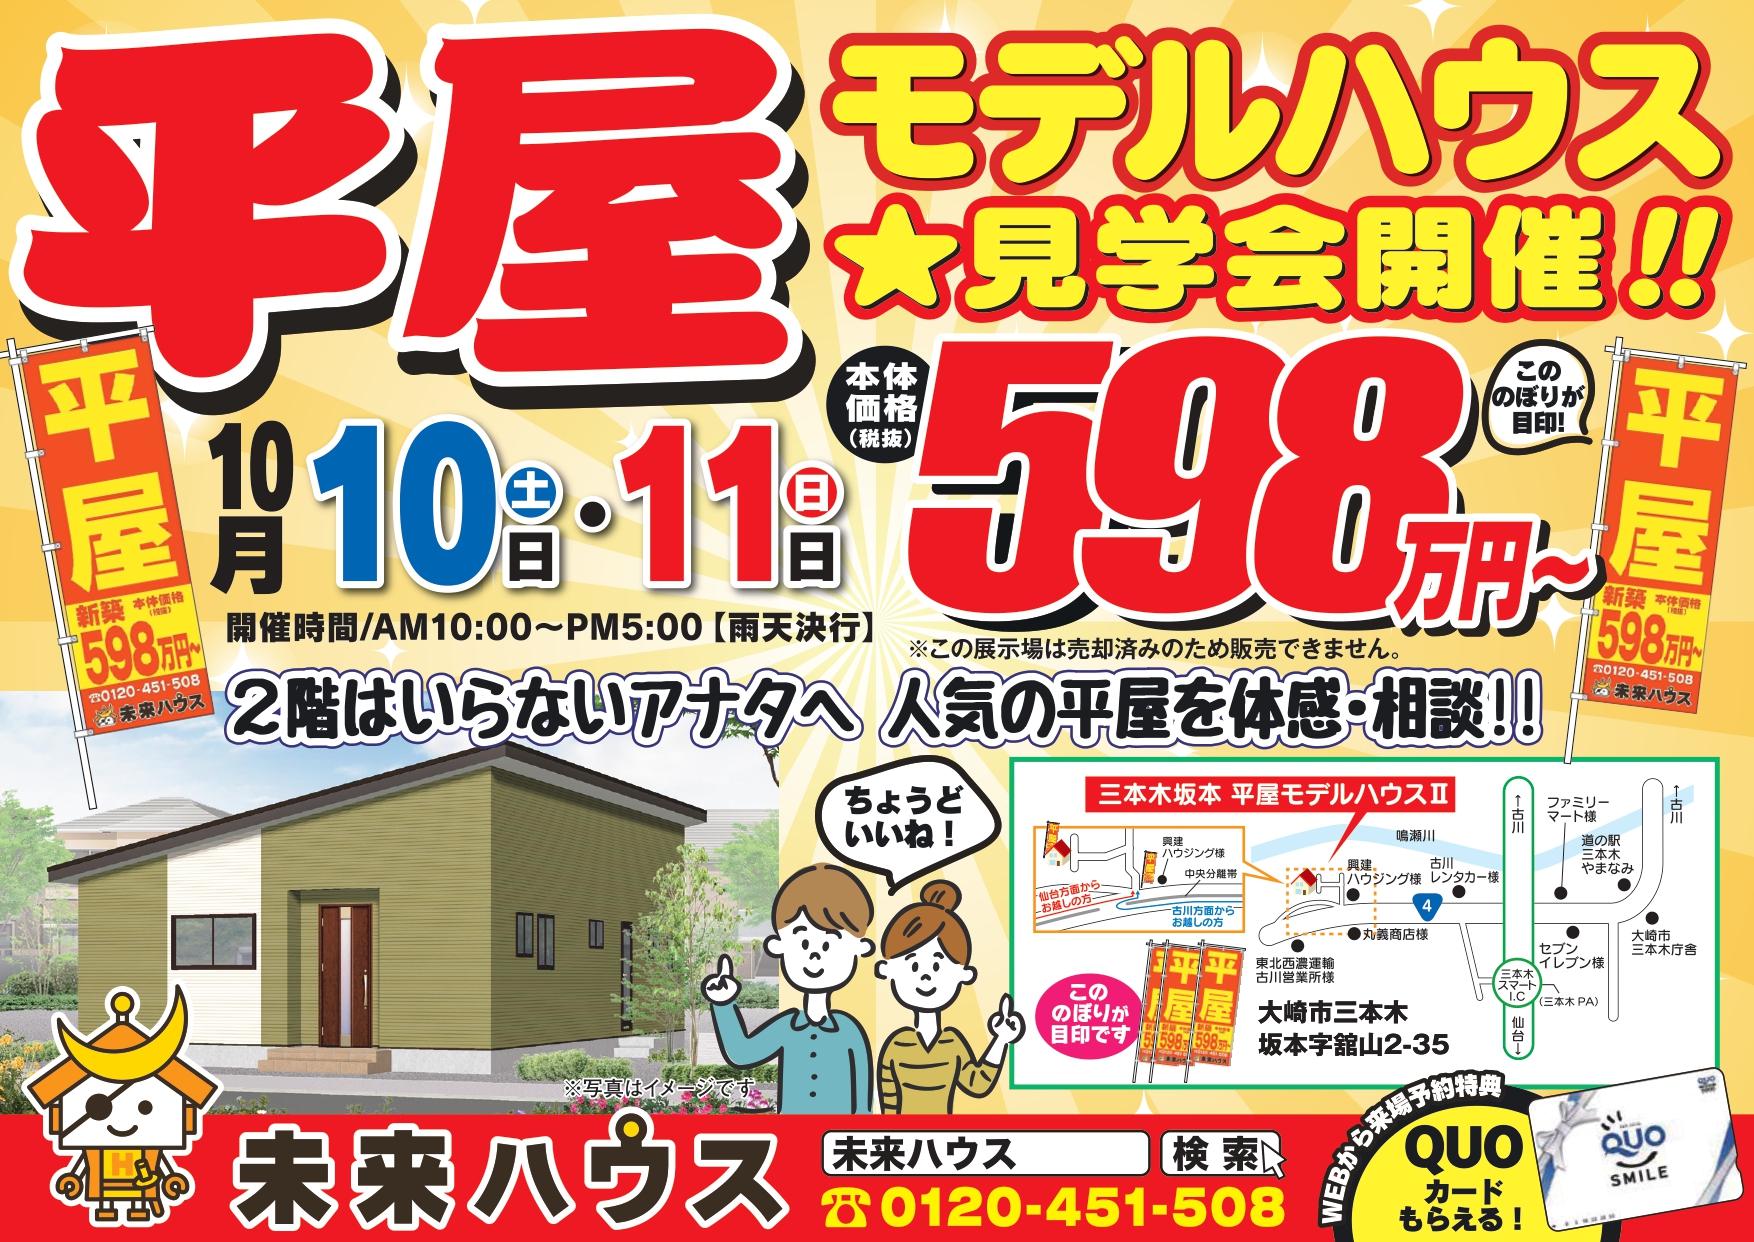 三本木坂本 平屋モデルハウスⅡ 見学会開催